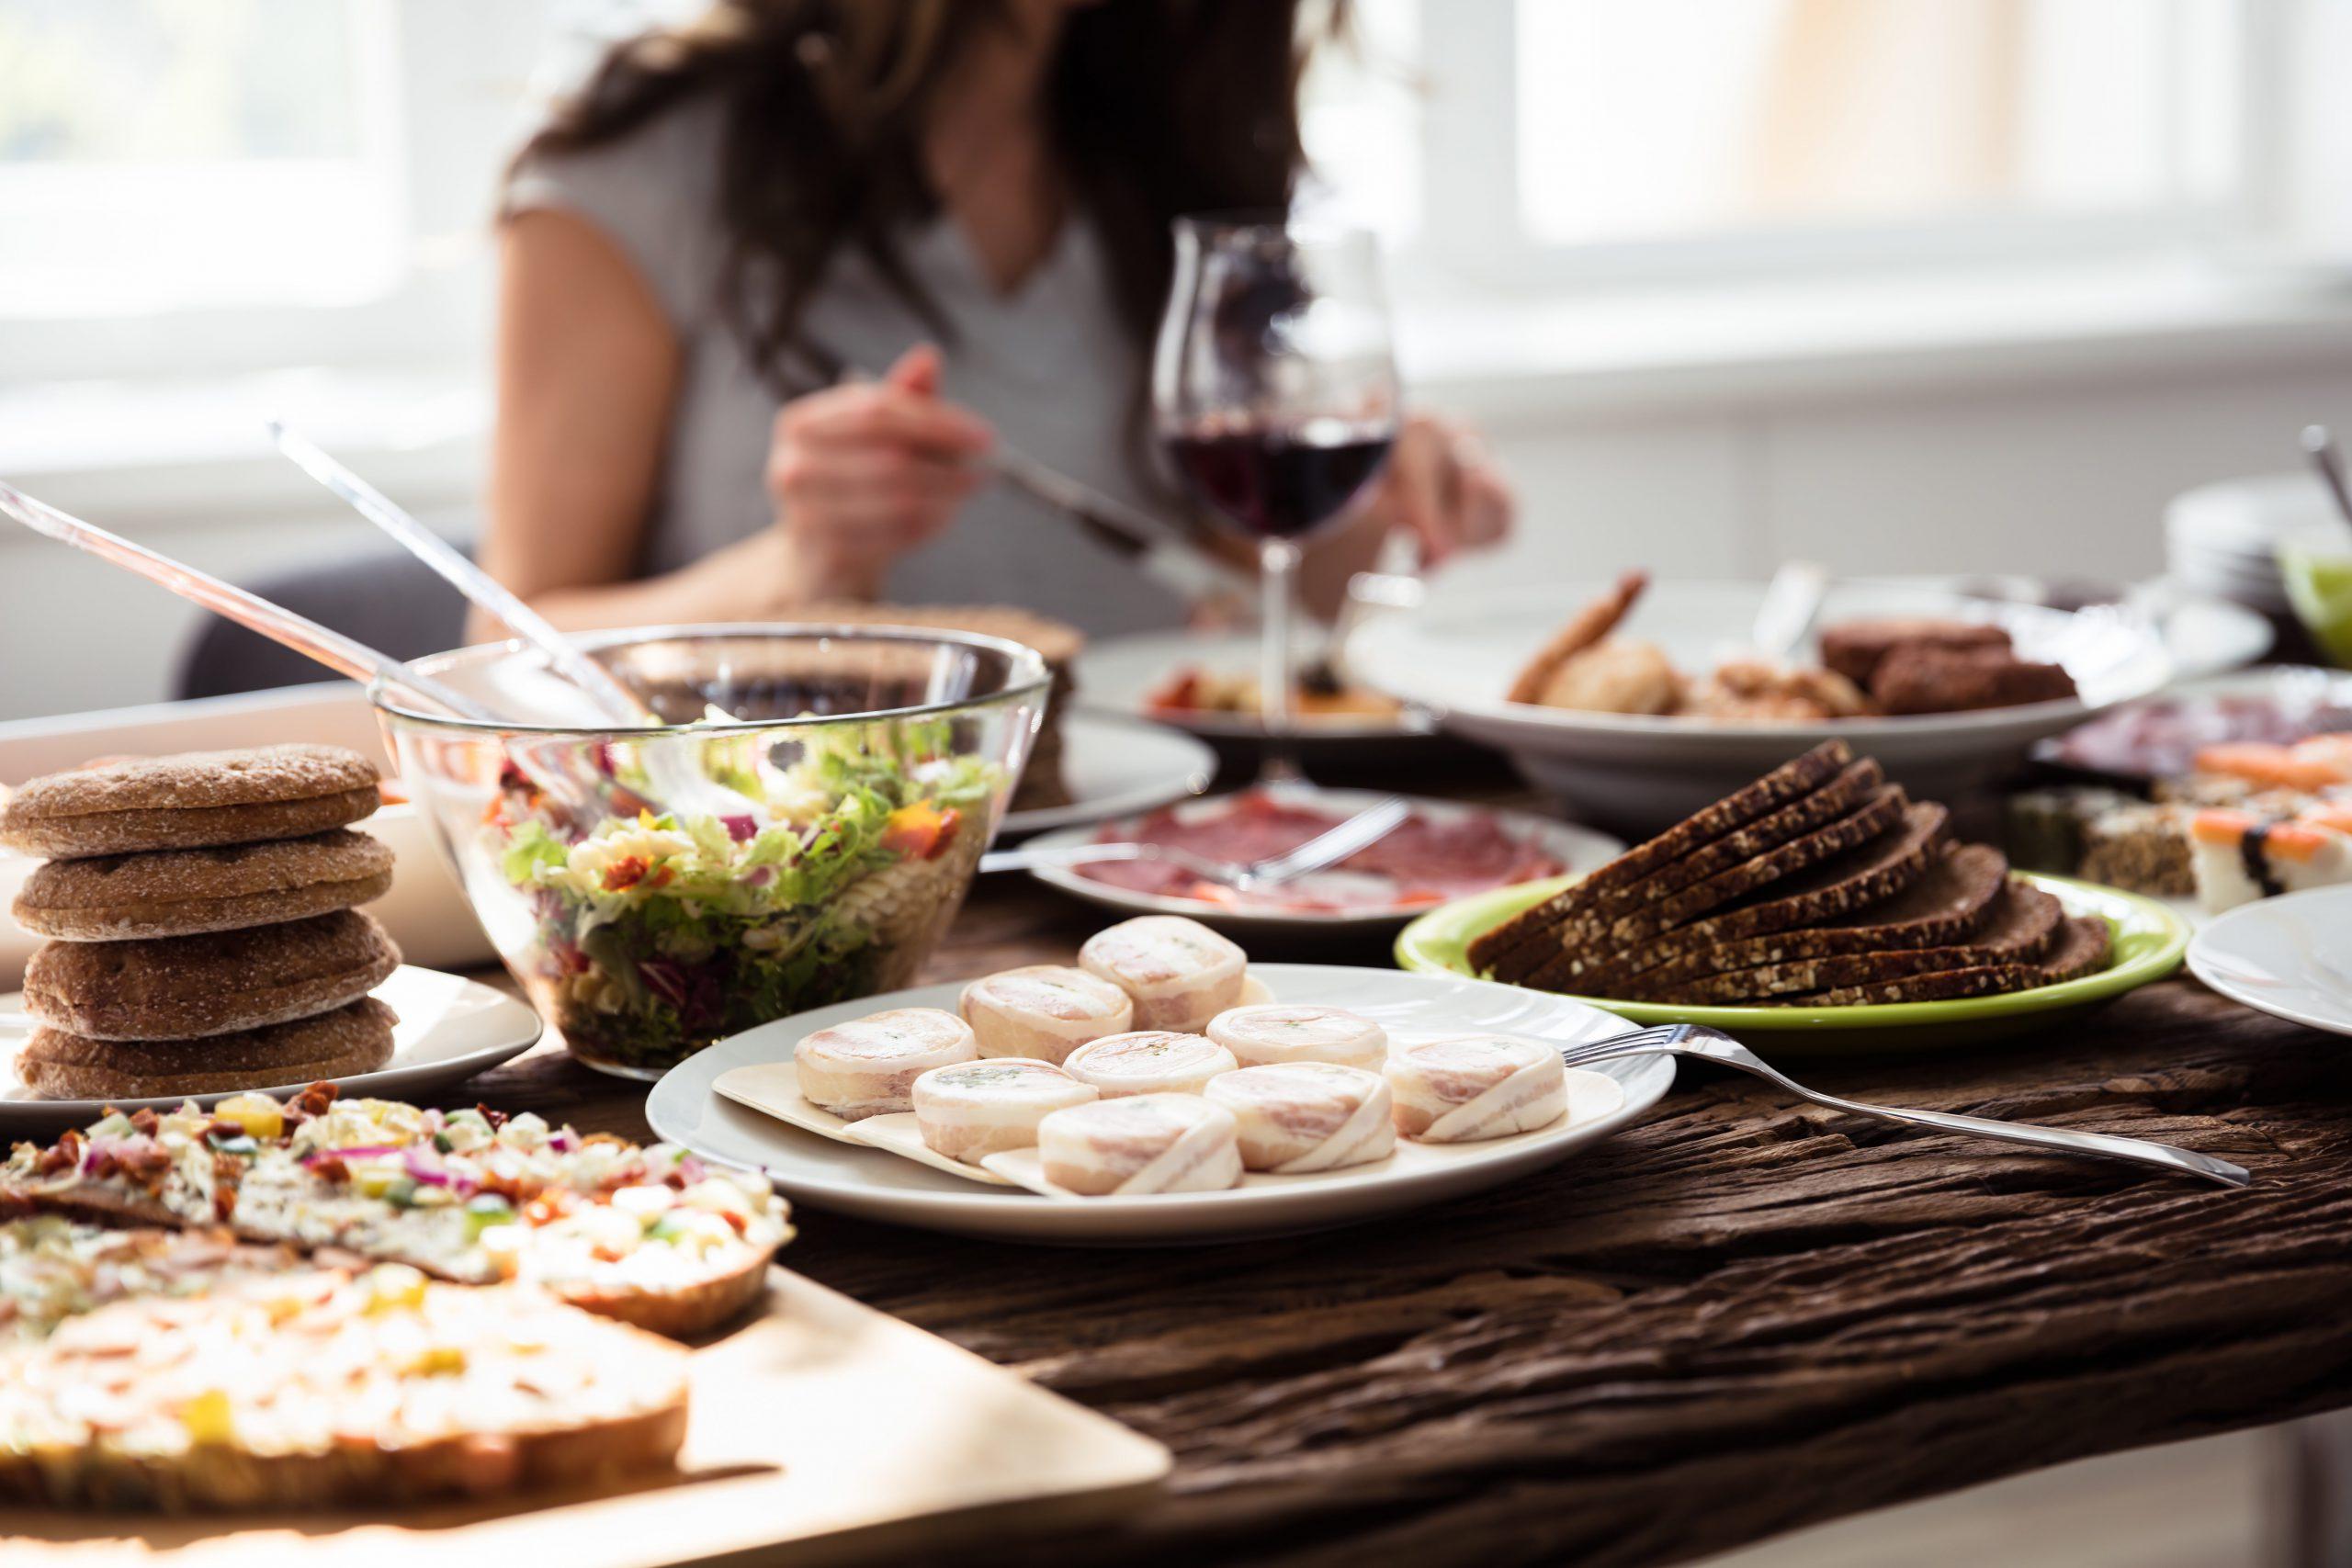 Reichlich gedeckter Tisch mit Weinglas